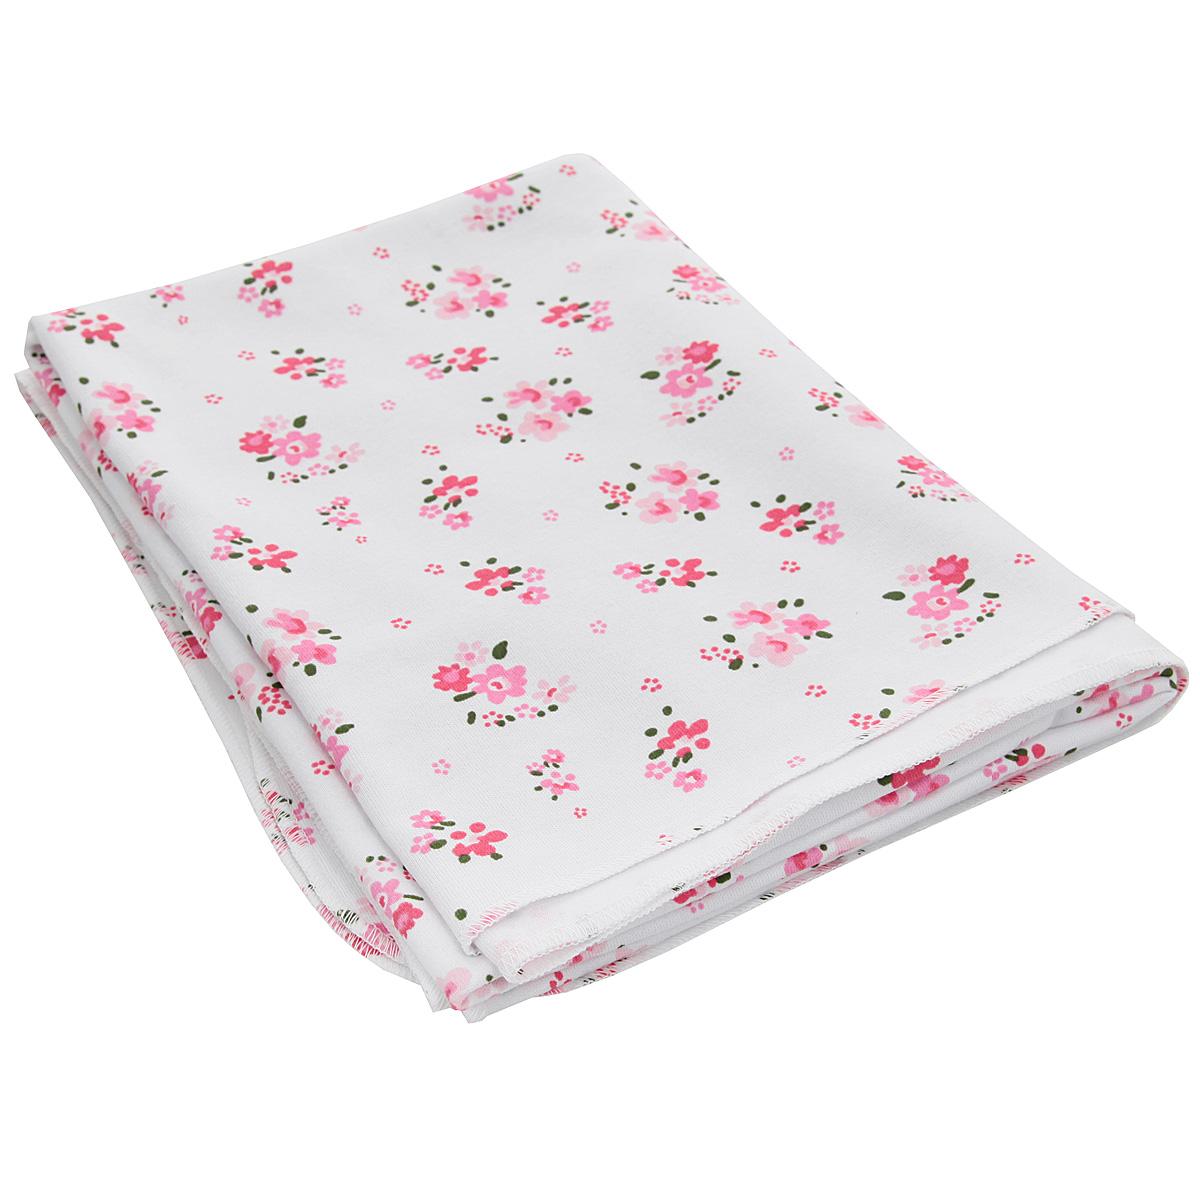 Пеленка трикотажная Трон-Плюс Цветы, цвет: белый, розовый, 120 см х 90 см5421Детская трикотажная пеленка Трон-Плюс Цветы подходит для пеленания ребенка с самого рождения. Она невероятно мягкая и нежная на ощупь. Пеленка выполнена из интерлока набивного - мягкое эластичное трикотажное полотно из хлопка гладкого покроя. Края обработаны швом оверлока. Такая ткань прекрасно дышит, она гипоаллергенна, почти не мнется и не теряет формы после стирки. Мягкая ткань укутывает малыша с необычайной нежностью.Пеленку также можно использовать как легкое одеяло в жаркую погоду, простынку, полотенце после купания, накидку для кормления грудью или солнцезащитный козырек.Пеленка оформлена изображениями цветов. Ее размер подходит для пеленания даже крупного малыша.Рекомендована ручная стирка при температуре не более 40°C. Не отбеливать. Температура глажения не более 150°C. Сушить в подвешенном виде. Не подвергать химической чистке.